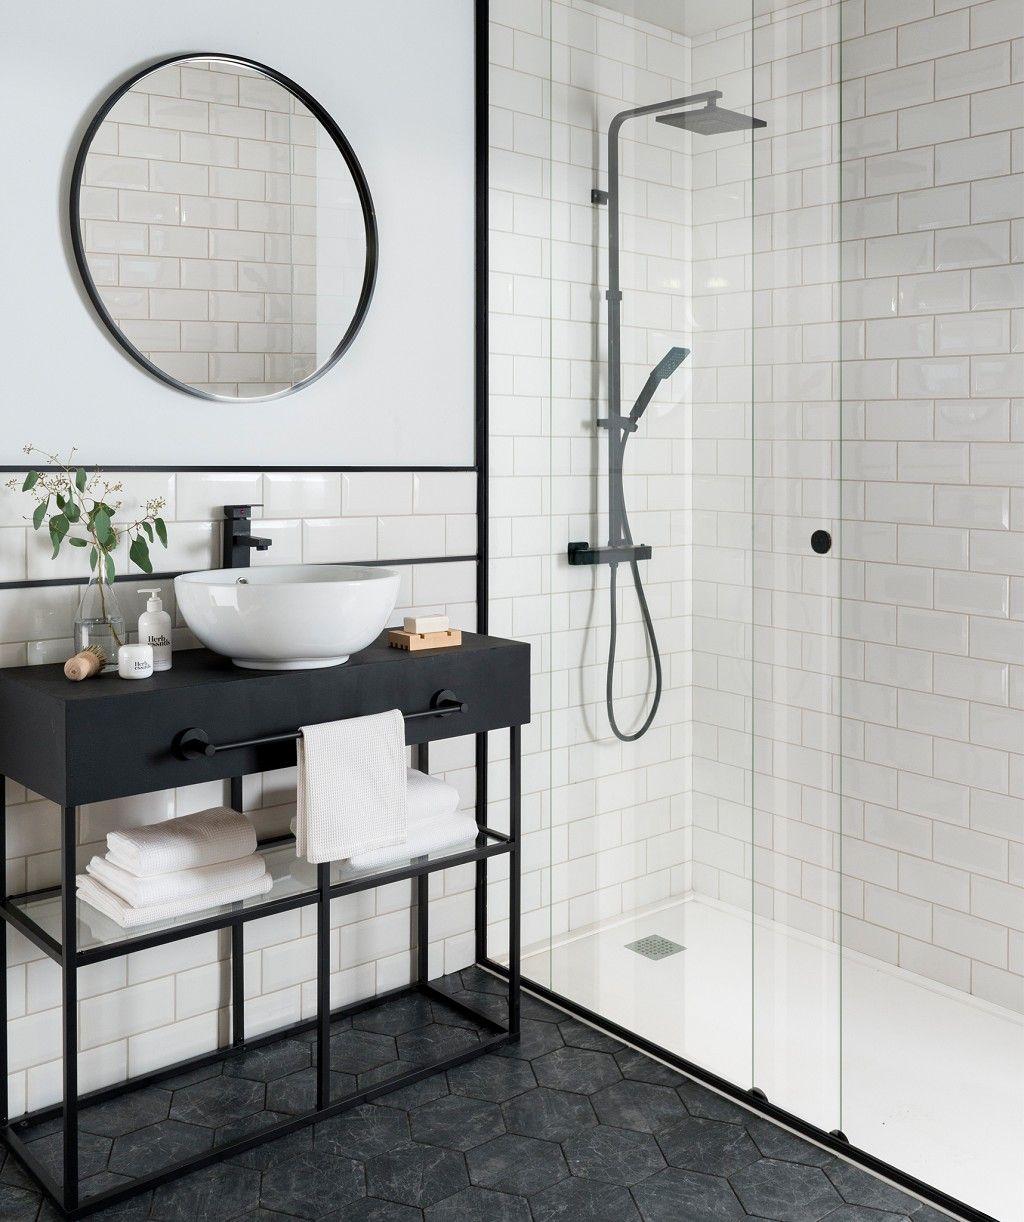 Metro White Tile With Images White Bathroom Tiles Bathroom Interior Bathroom Interior Design